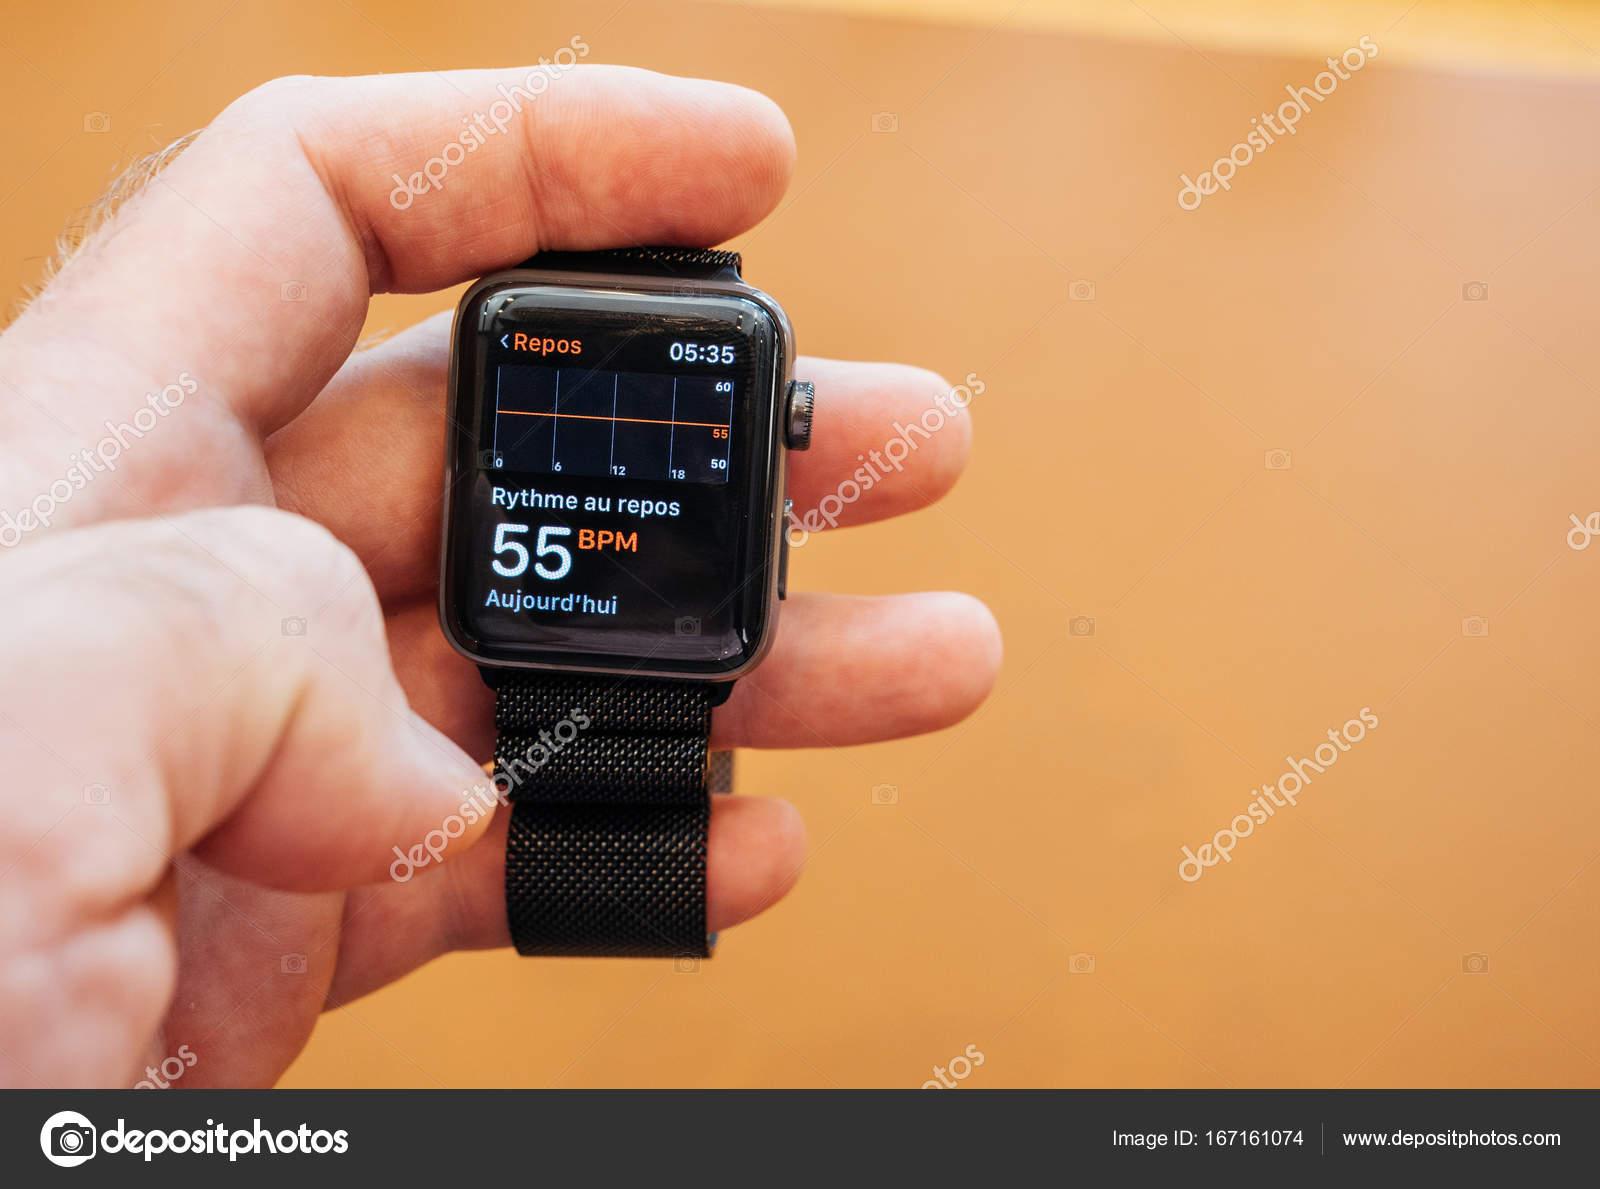 新しい apple watch シリーズ 3 bpm 心拍活動アプリ ストック編集用